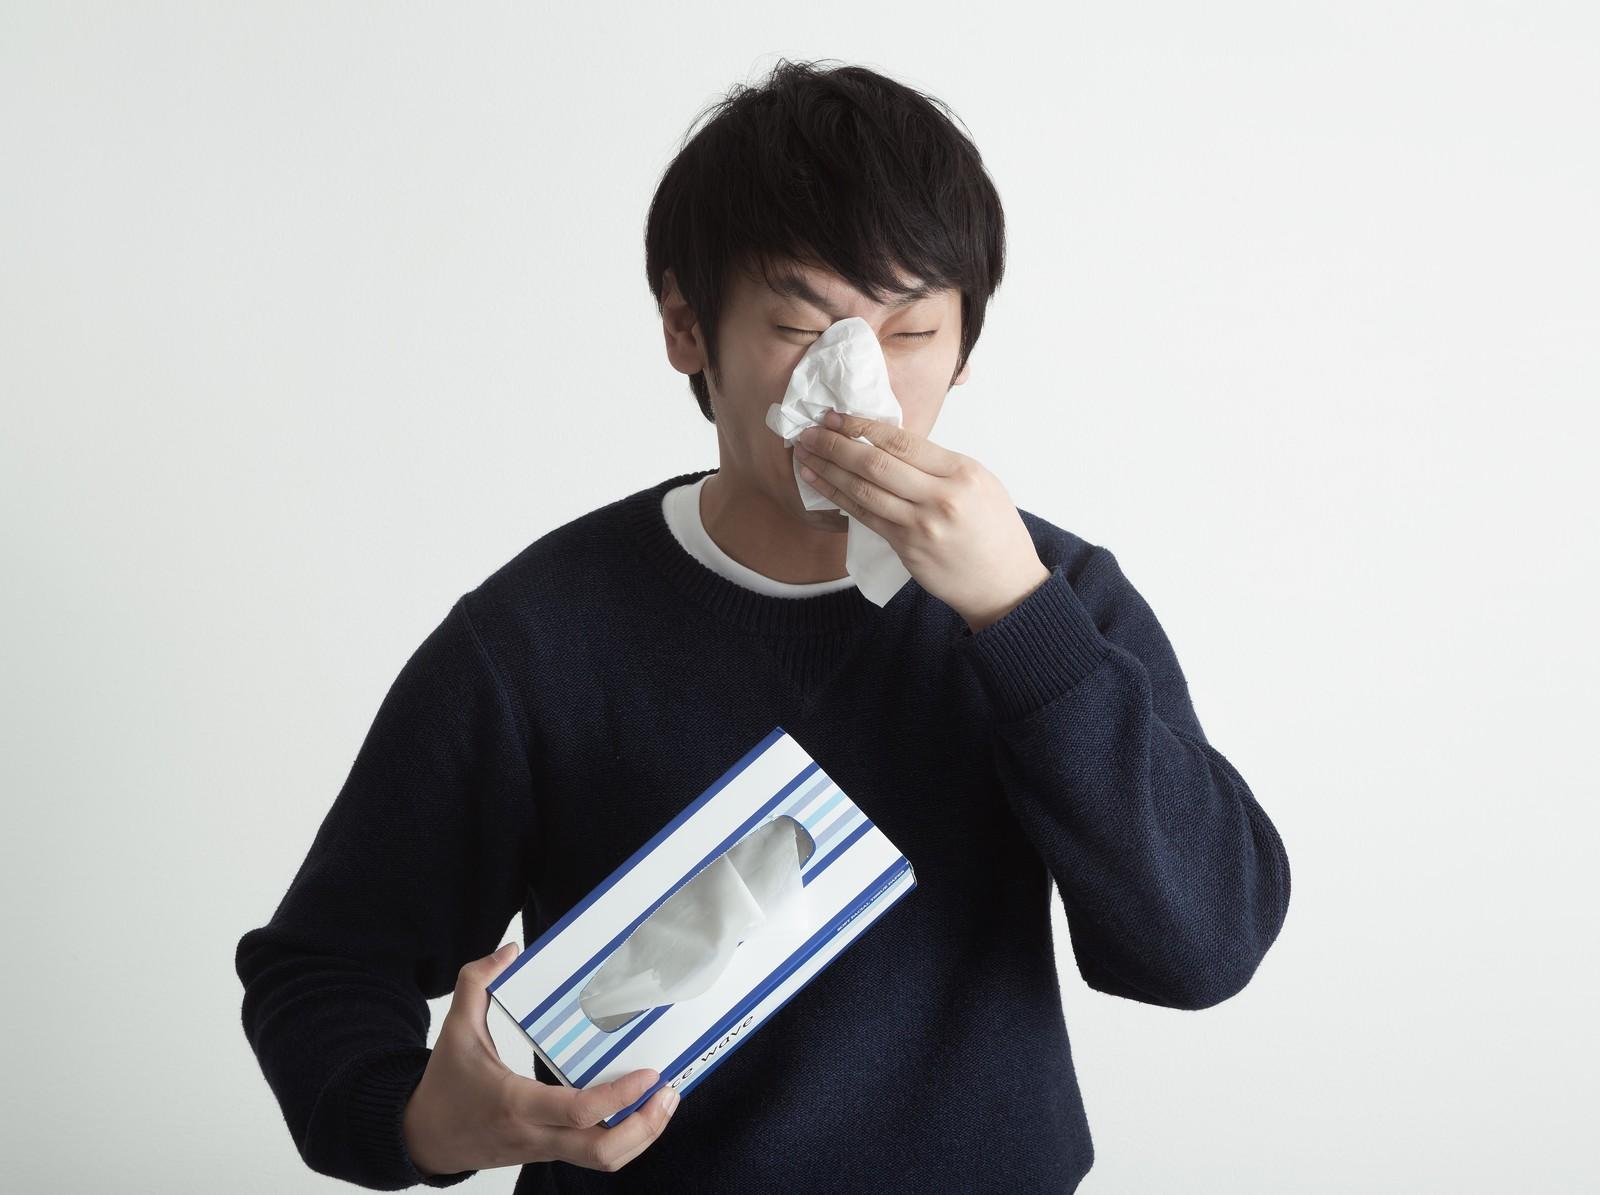 花粉症や風邪につきものの「くしゃみ」…なんで「くしゃみ」っていうの?